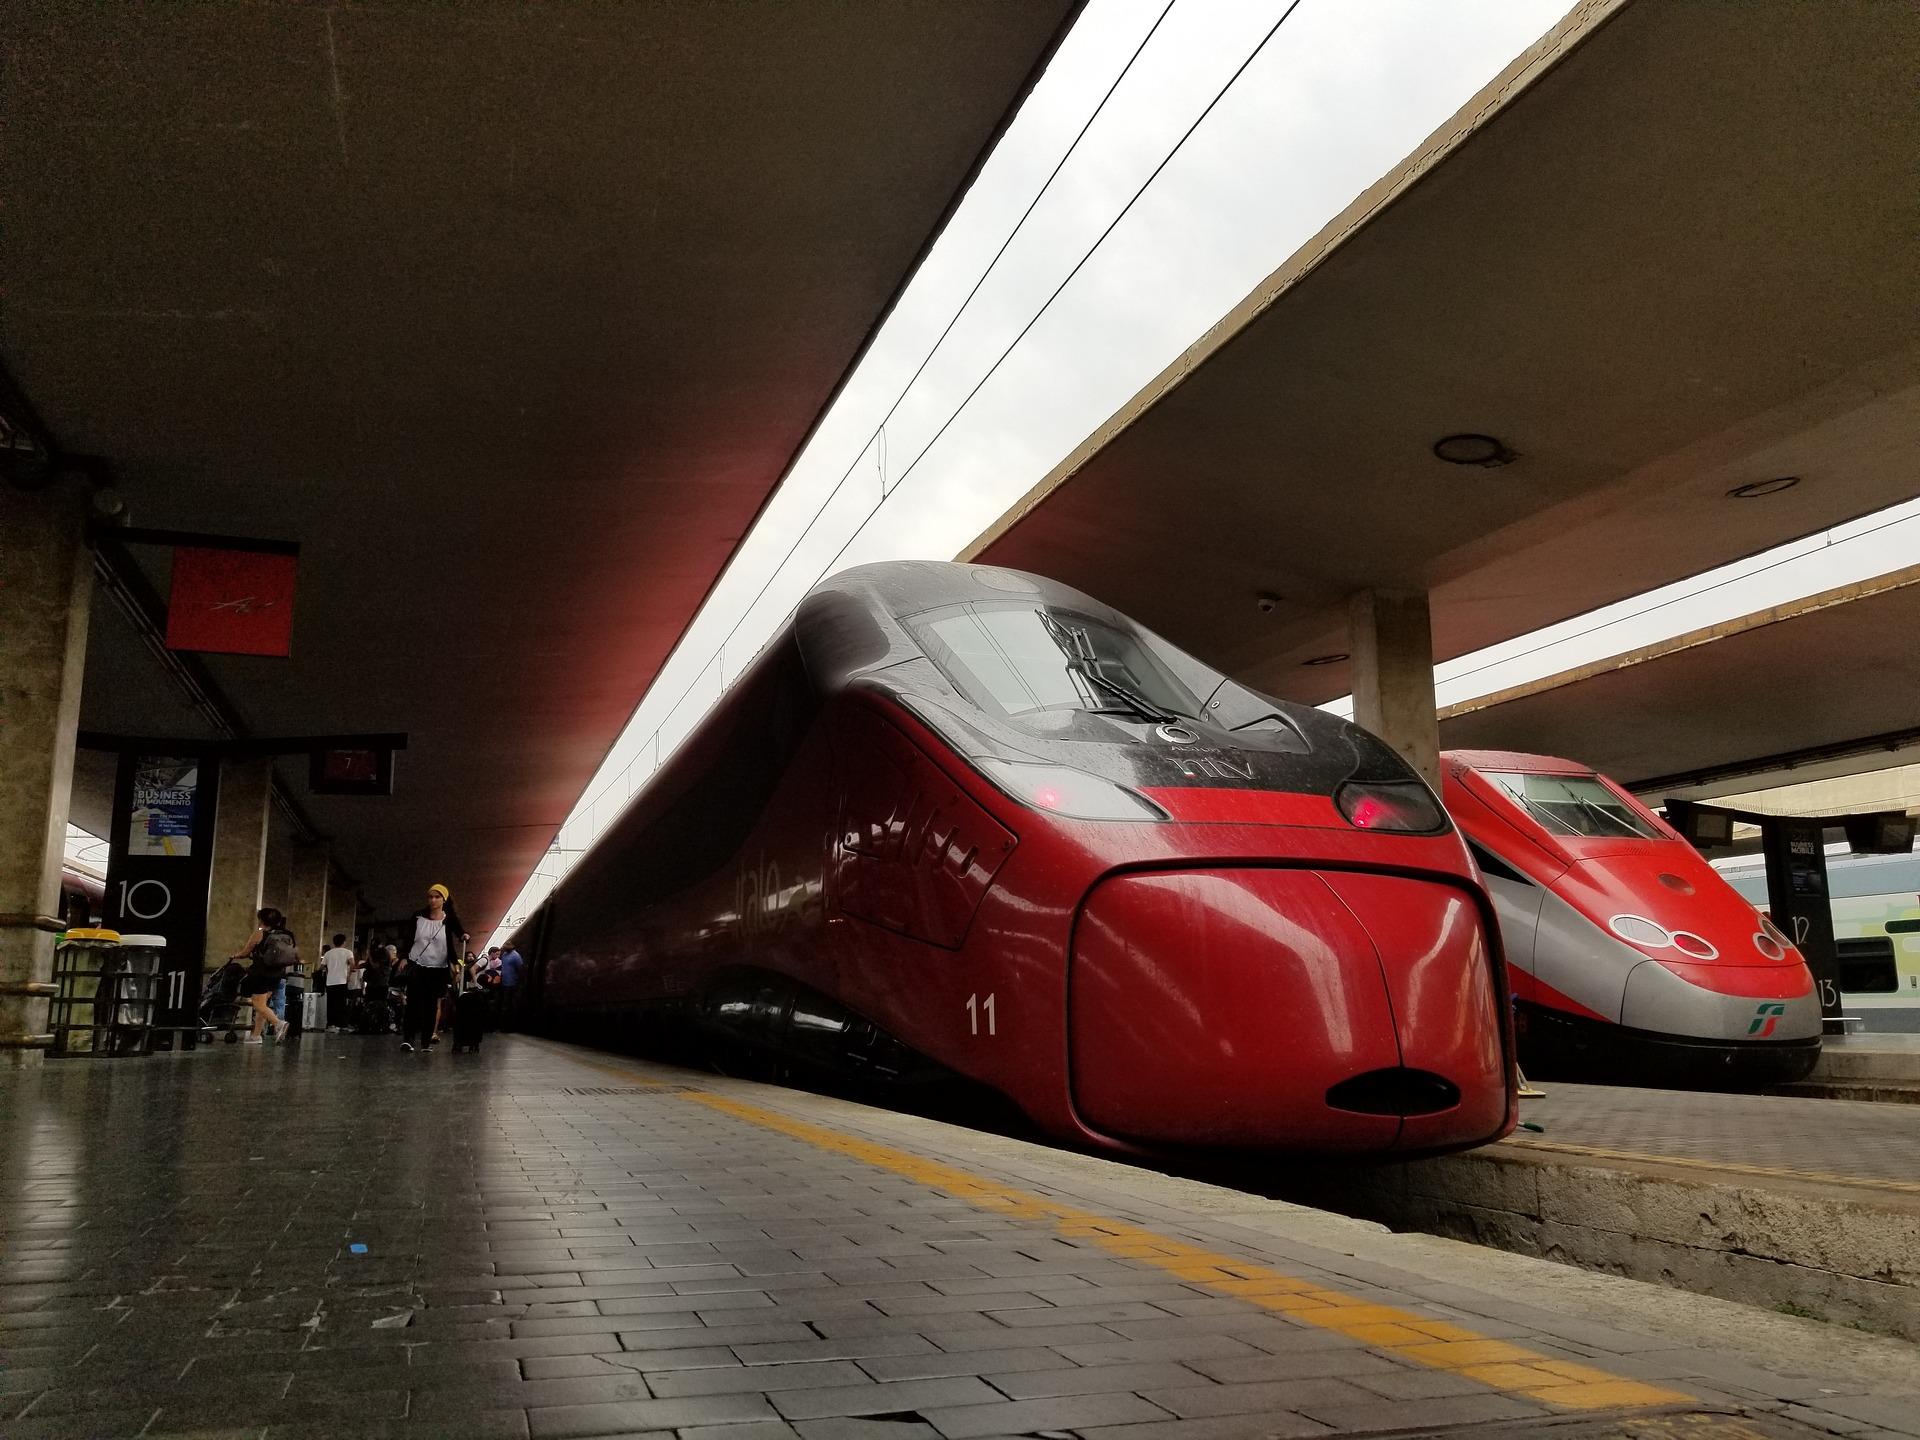 Italo treno biglietti offerte Roma Milano